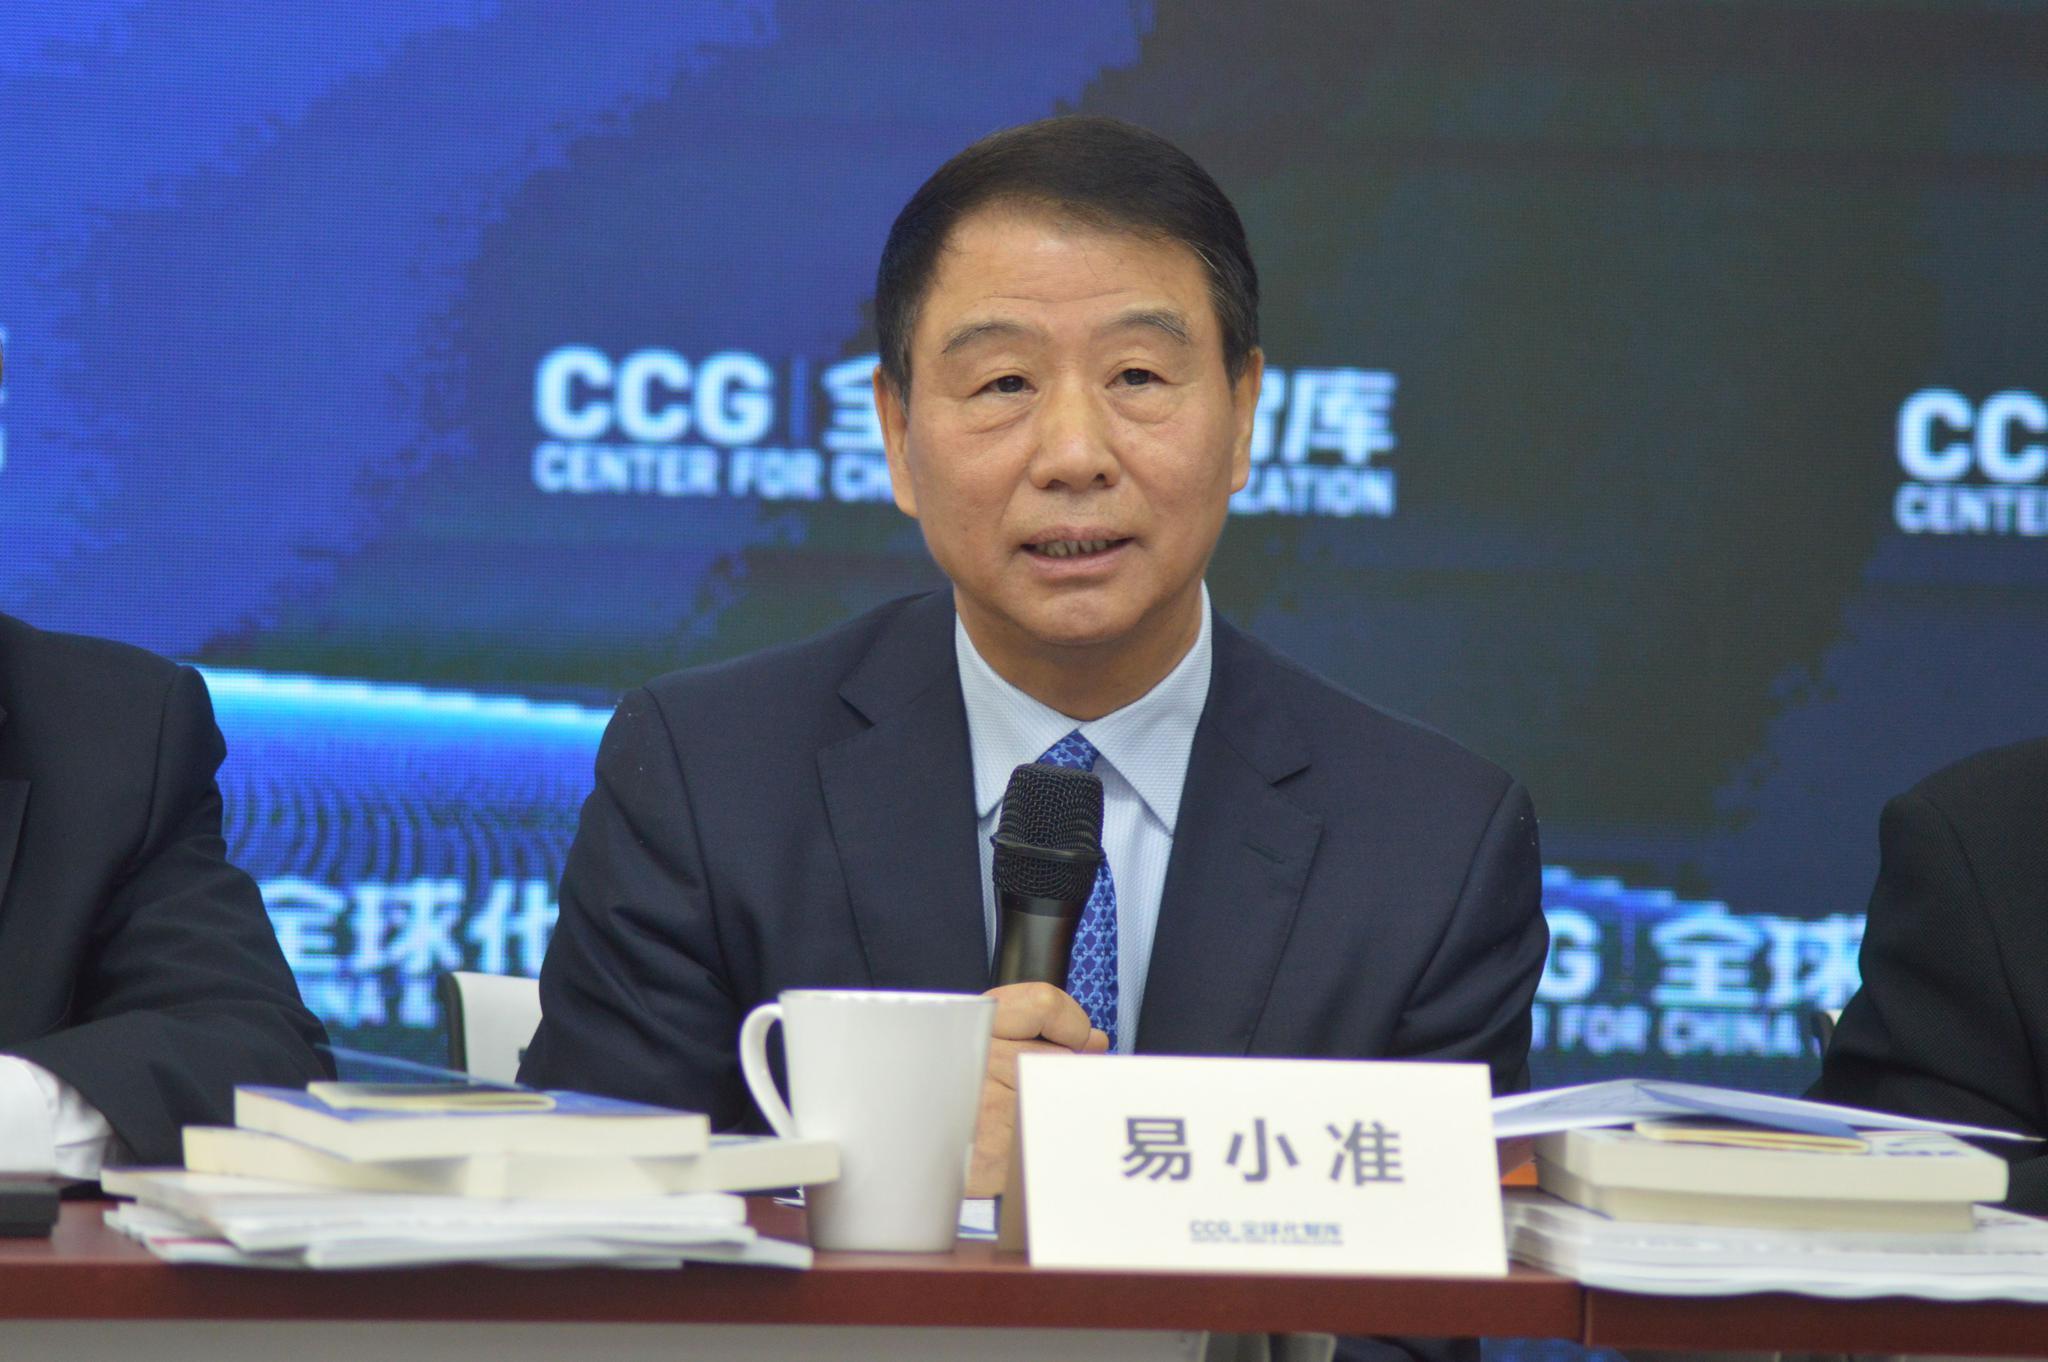 中国入世20周年,易小准:中国既是最大受益方,也是最大贡献者